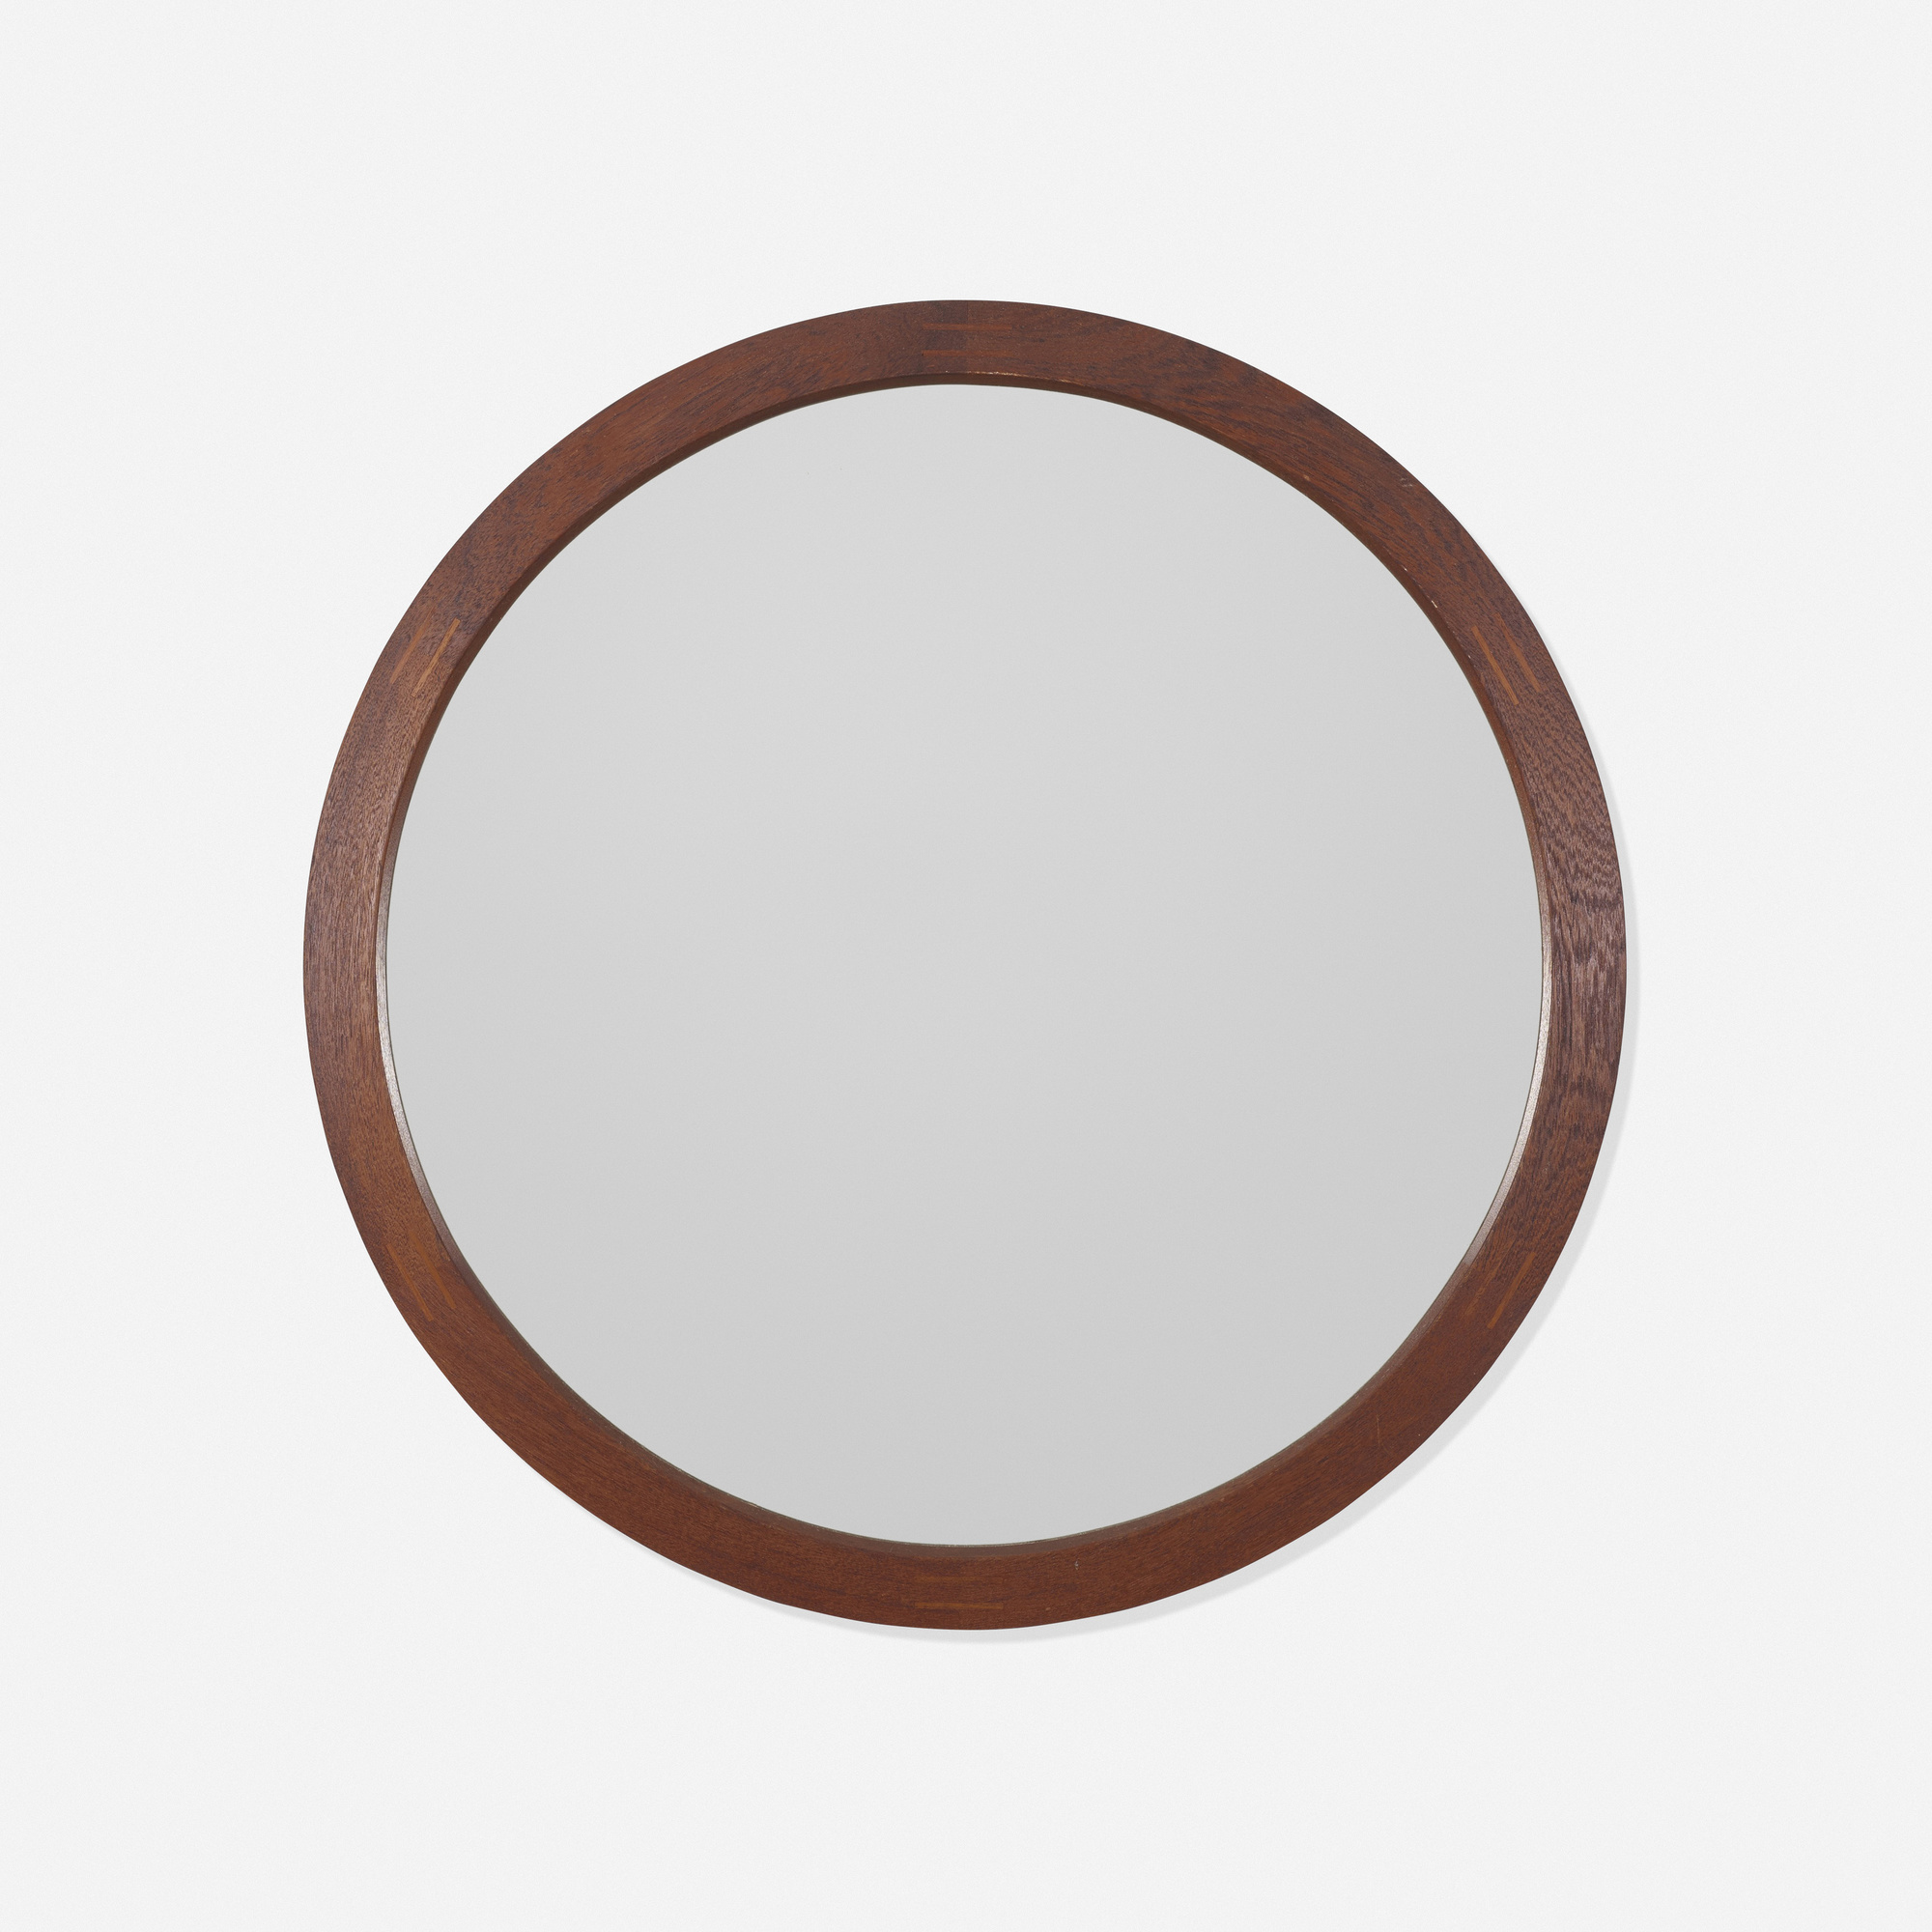 389: Aksel Kjersgaard / mirror (1 of 1)